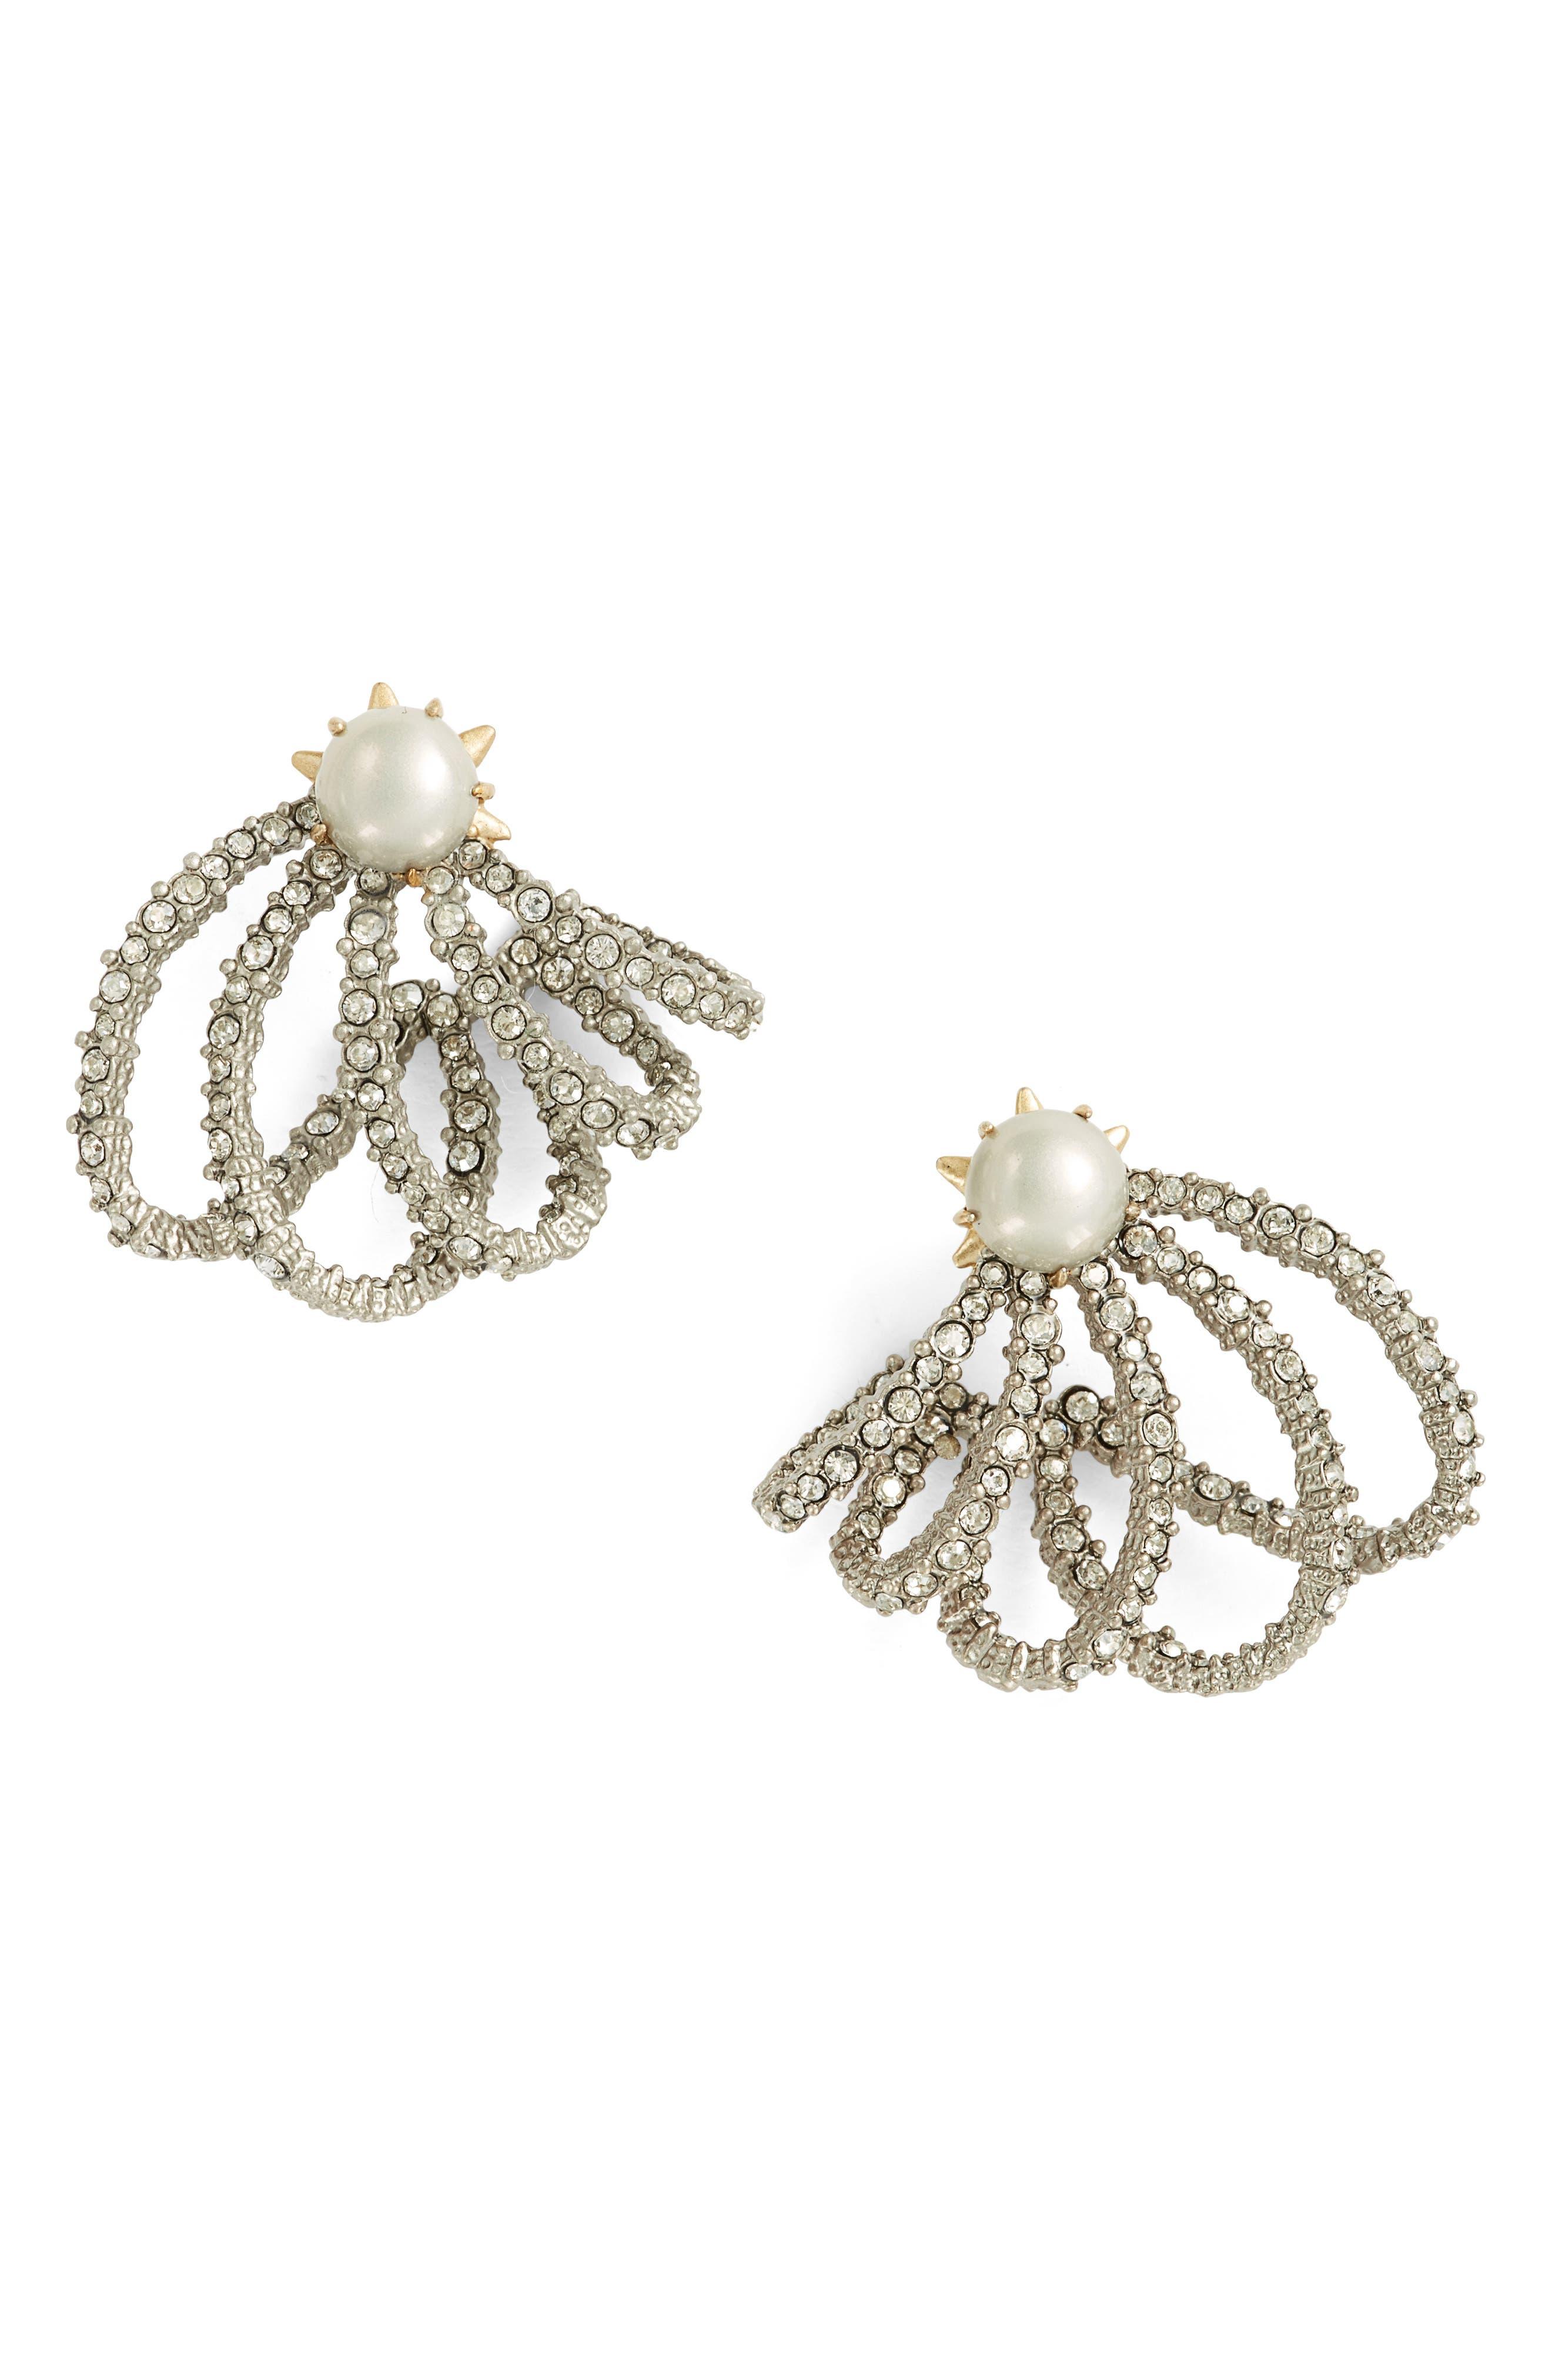 Alternate Image 1 Selected - Alexis Bittar Orbiting Crystal Earrings